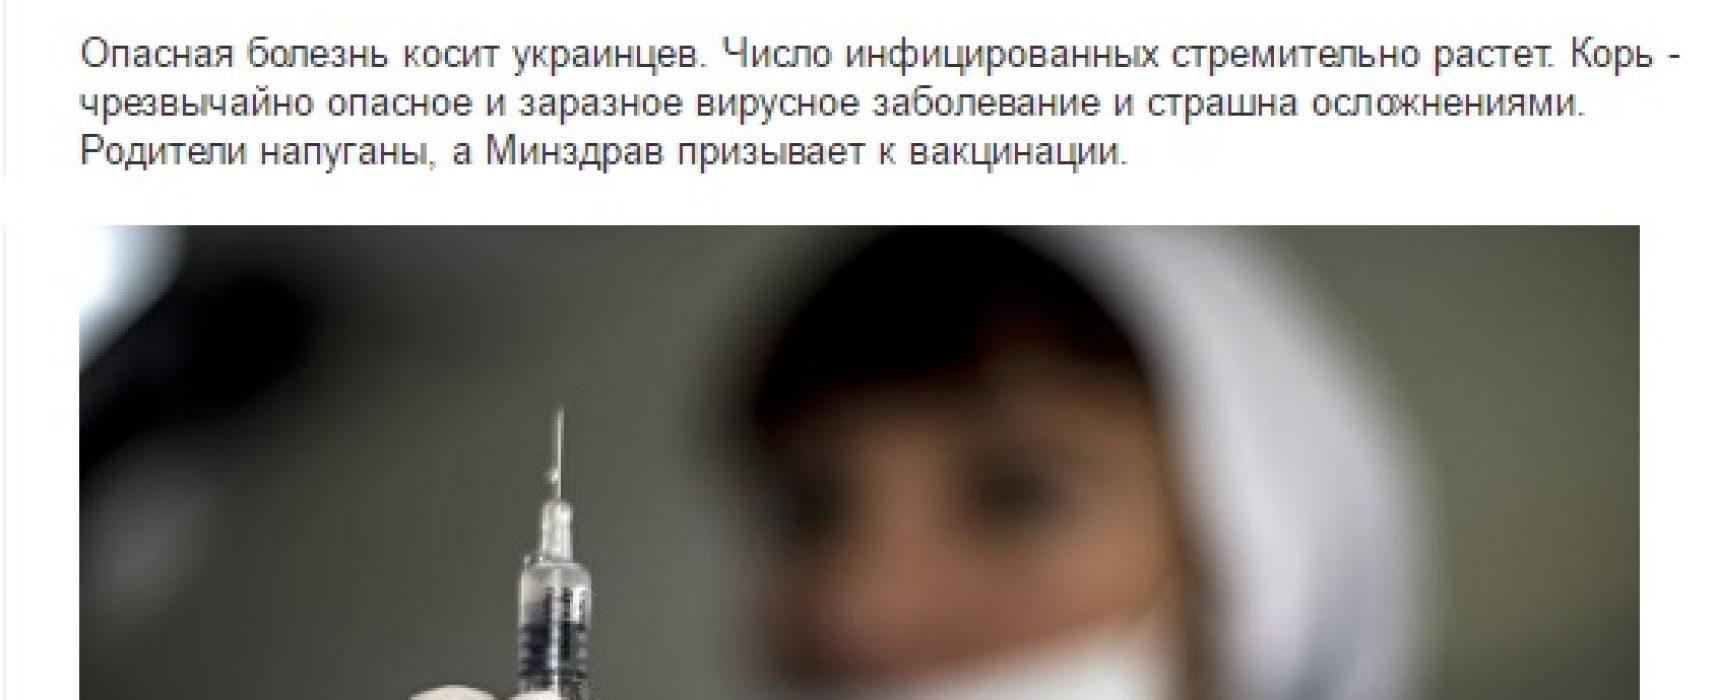 «L'épidémie de rougeole ukrainienne», la «ministre de la rougeole» et d'autres fakes à propos d'une maladie sensationnelle